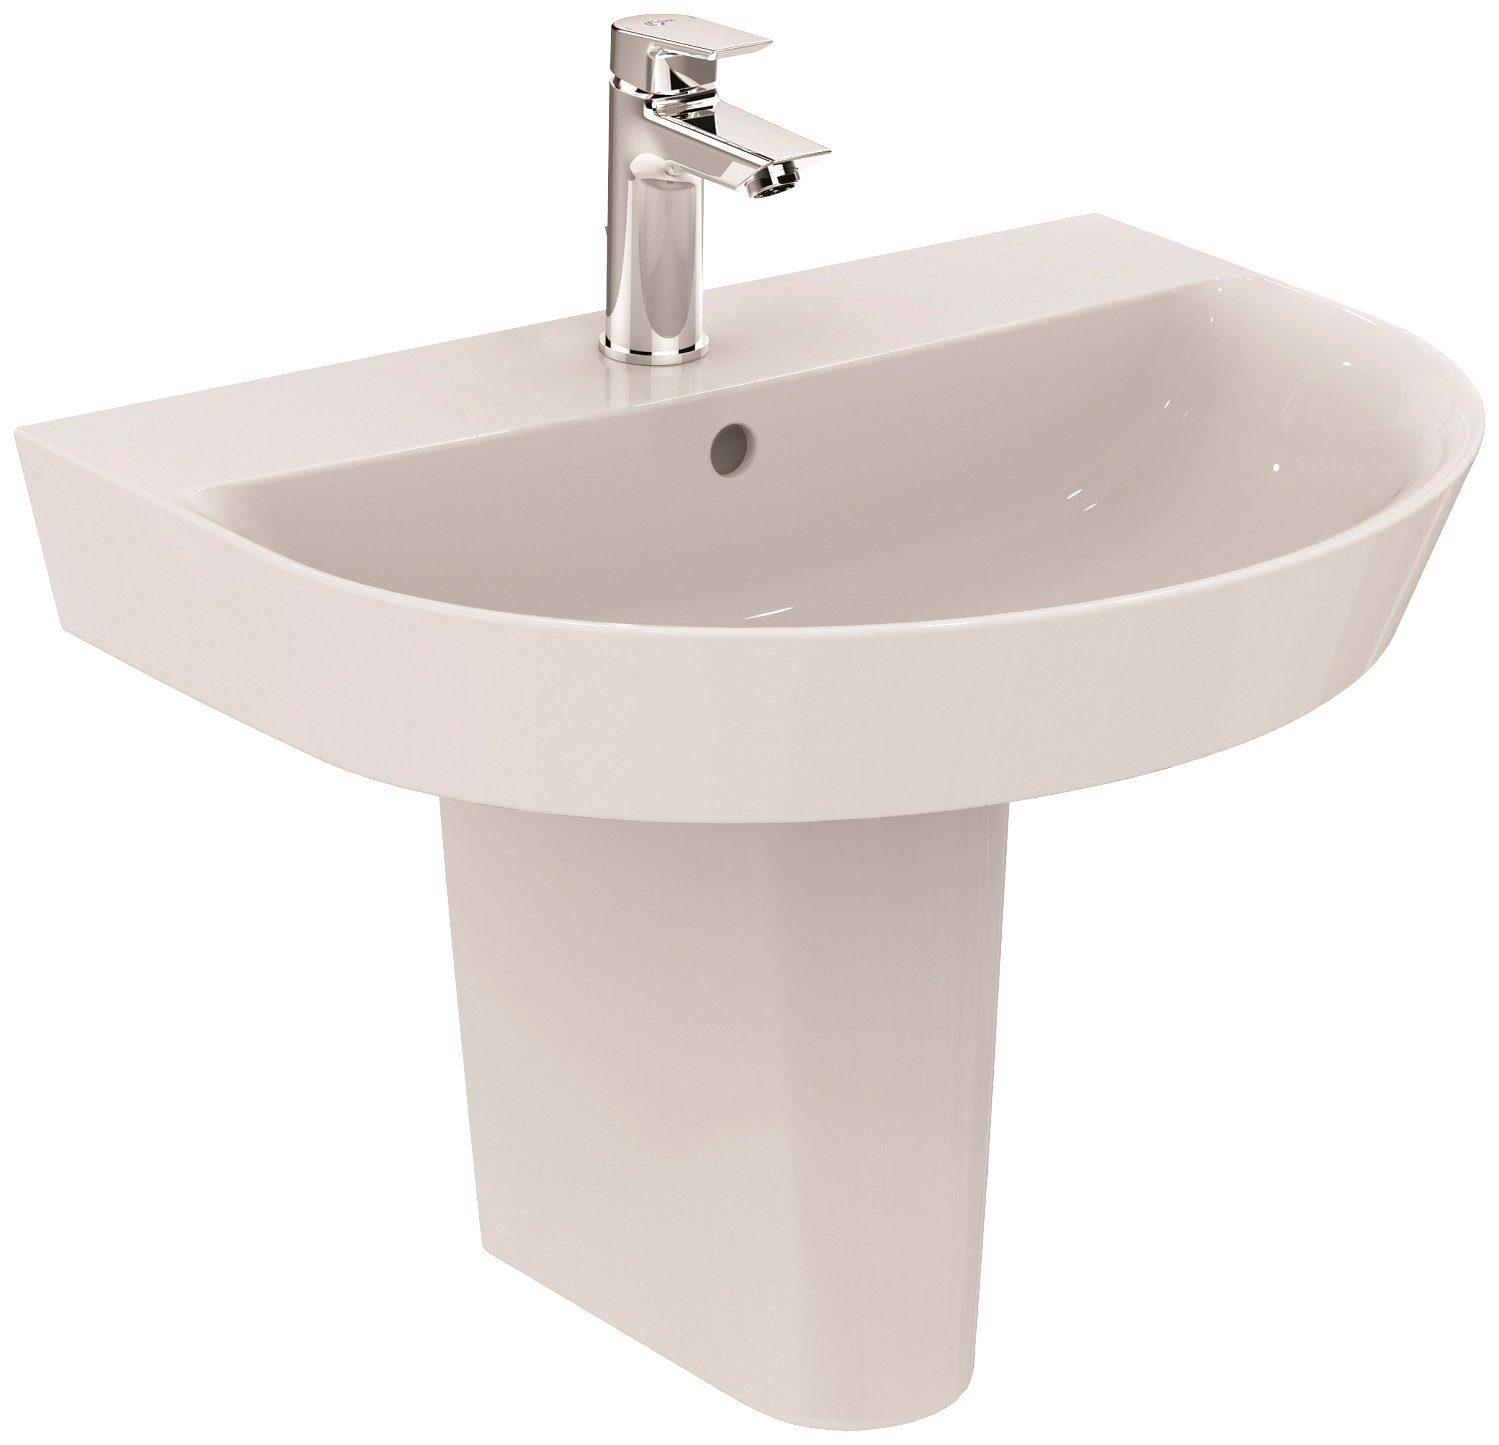 Einbauwaschbecken Oval 60 Waschbecken Set Waschtisch Prima 60 X 49